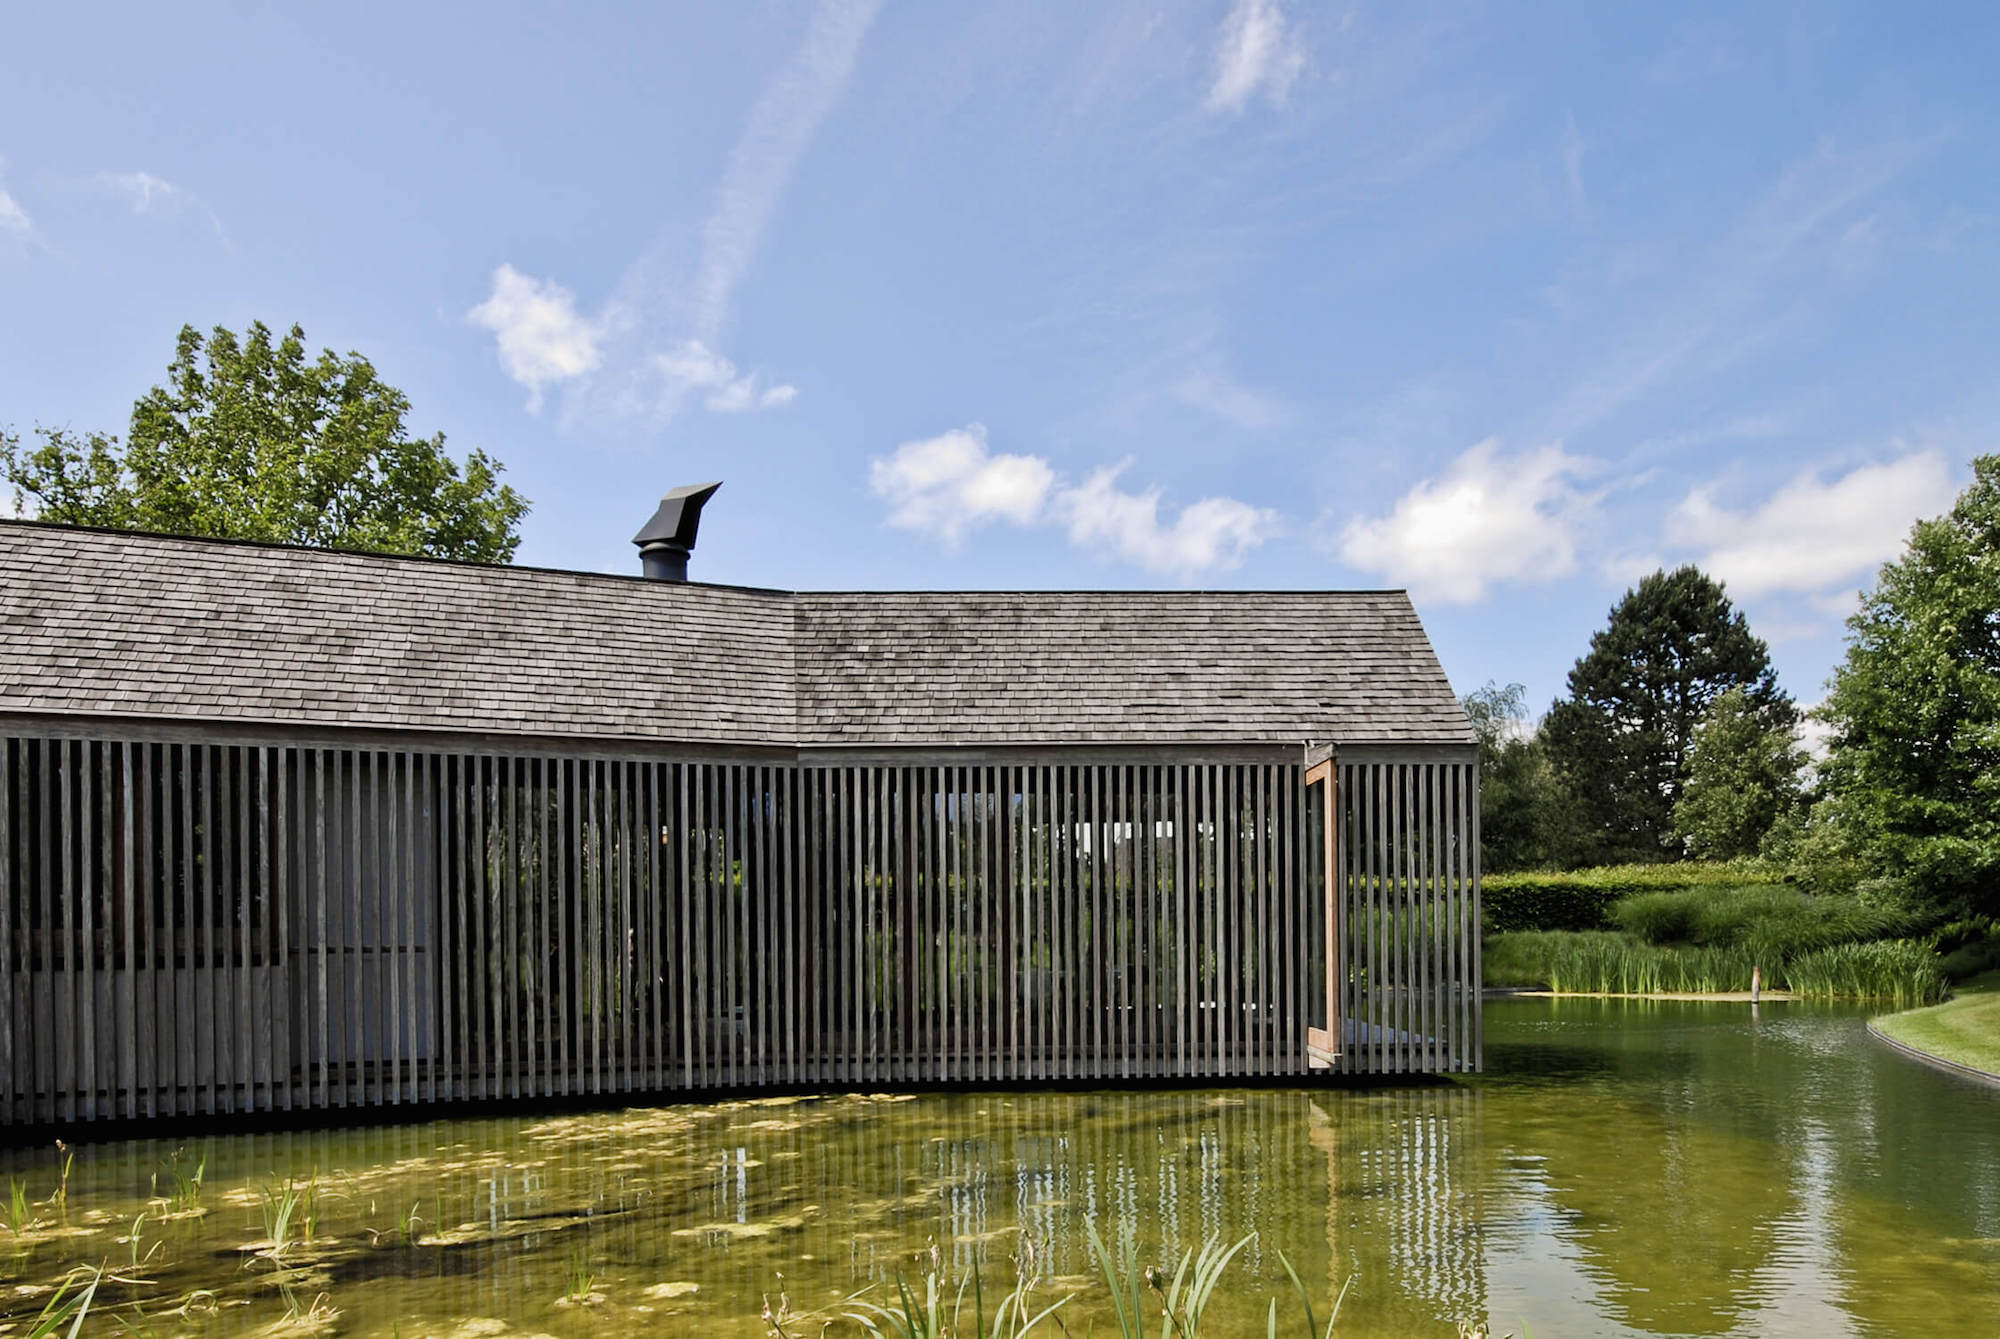 refuge-wim-architectuur-02